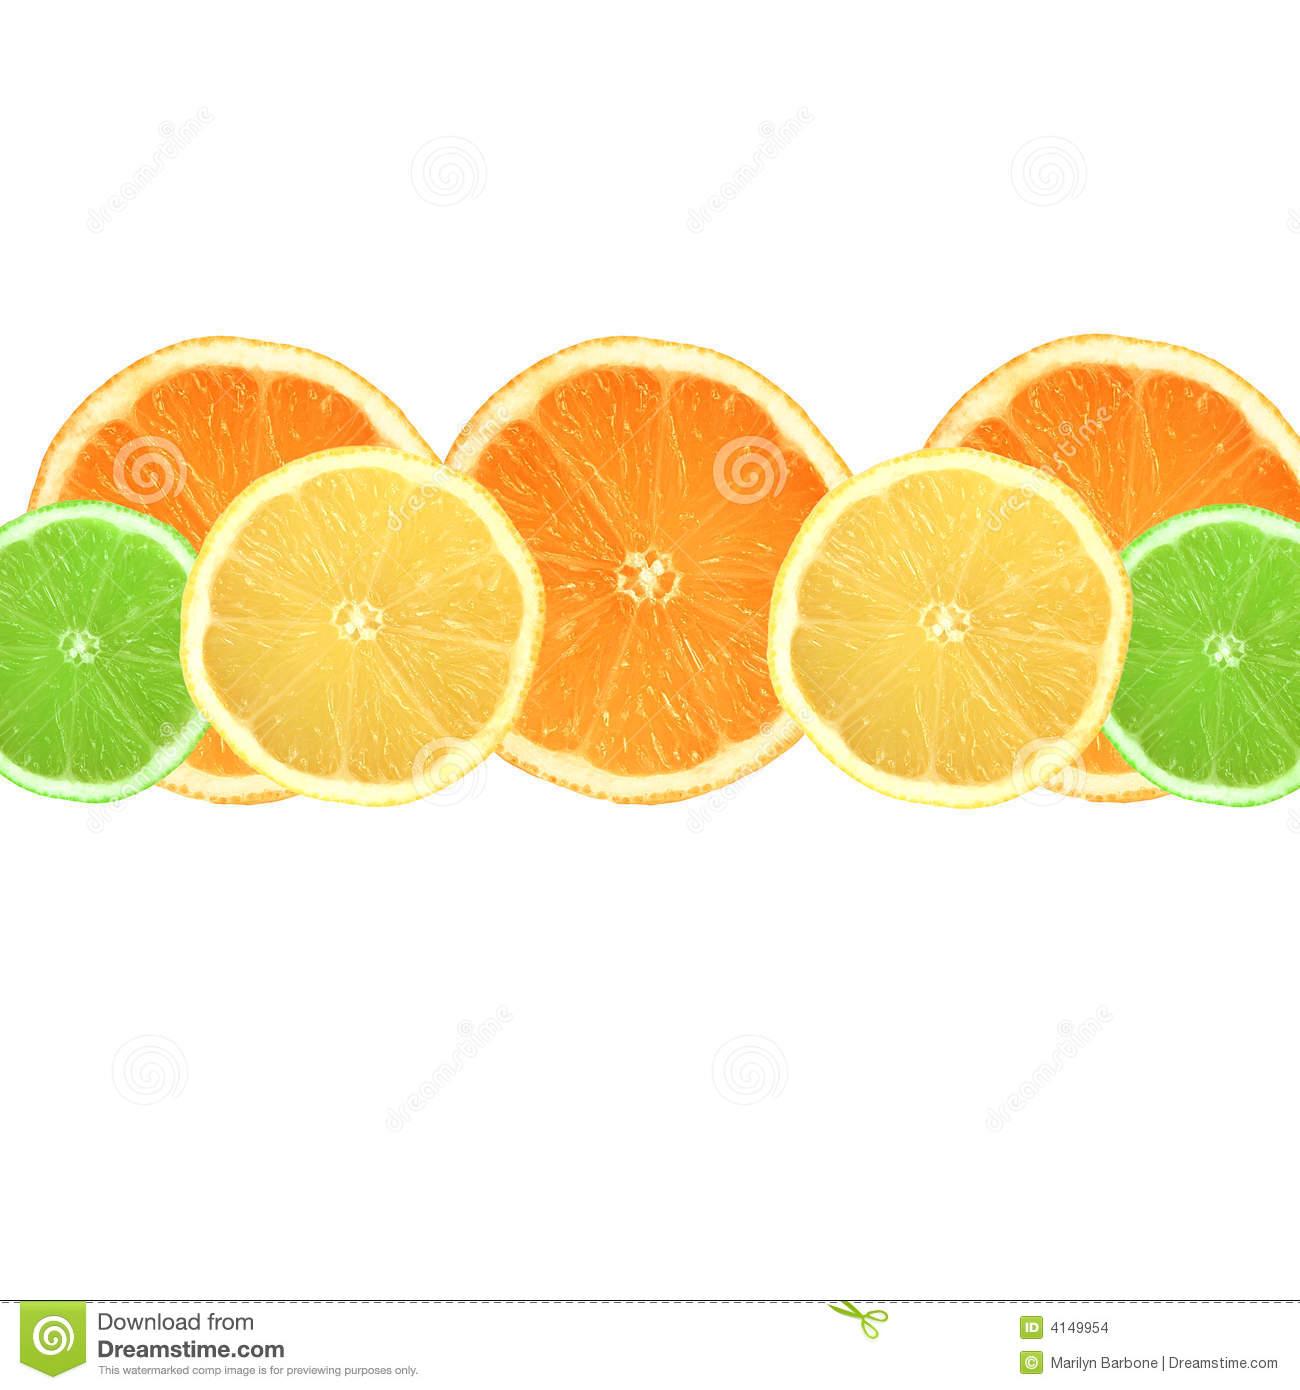 Citrus fruit clipart #9